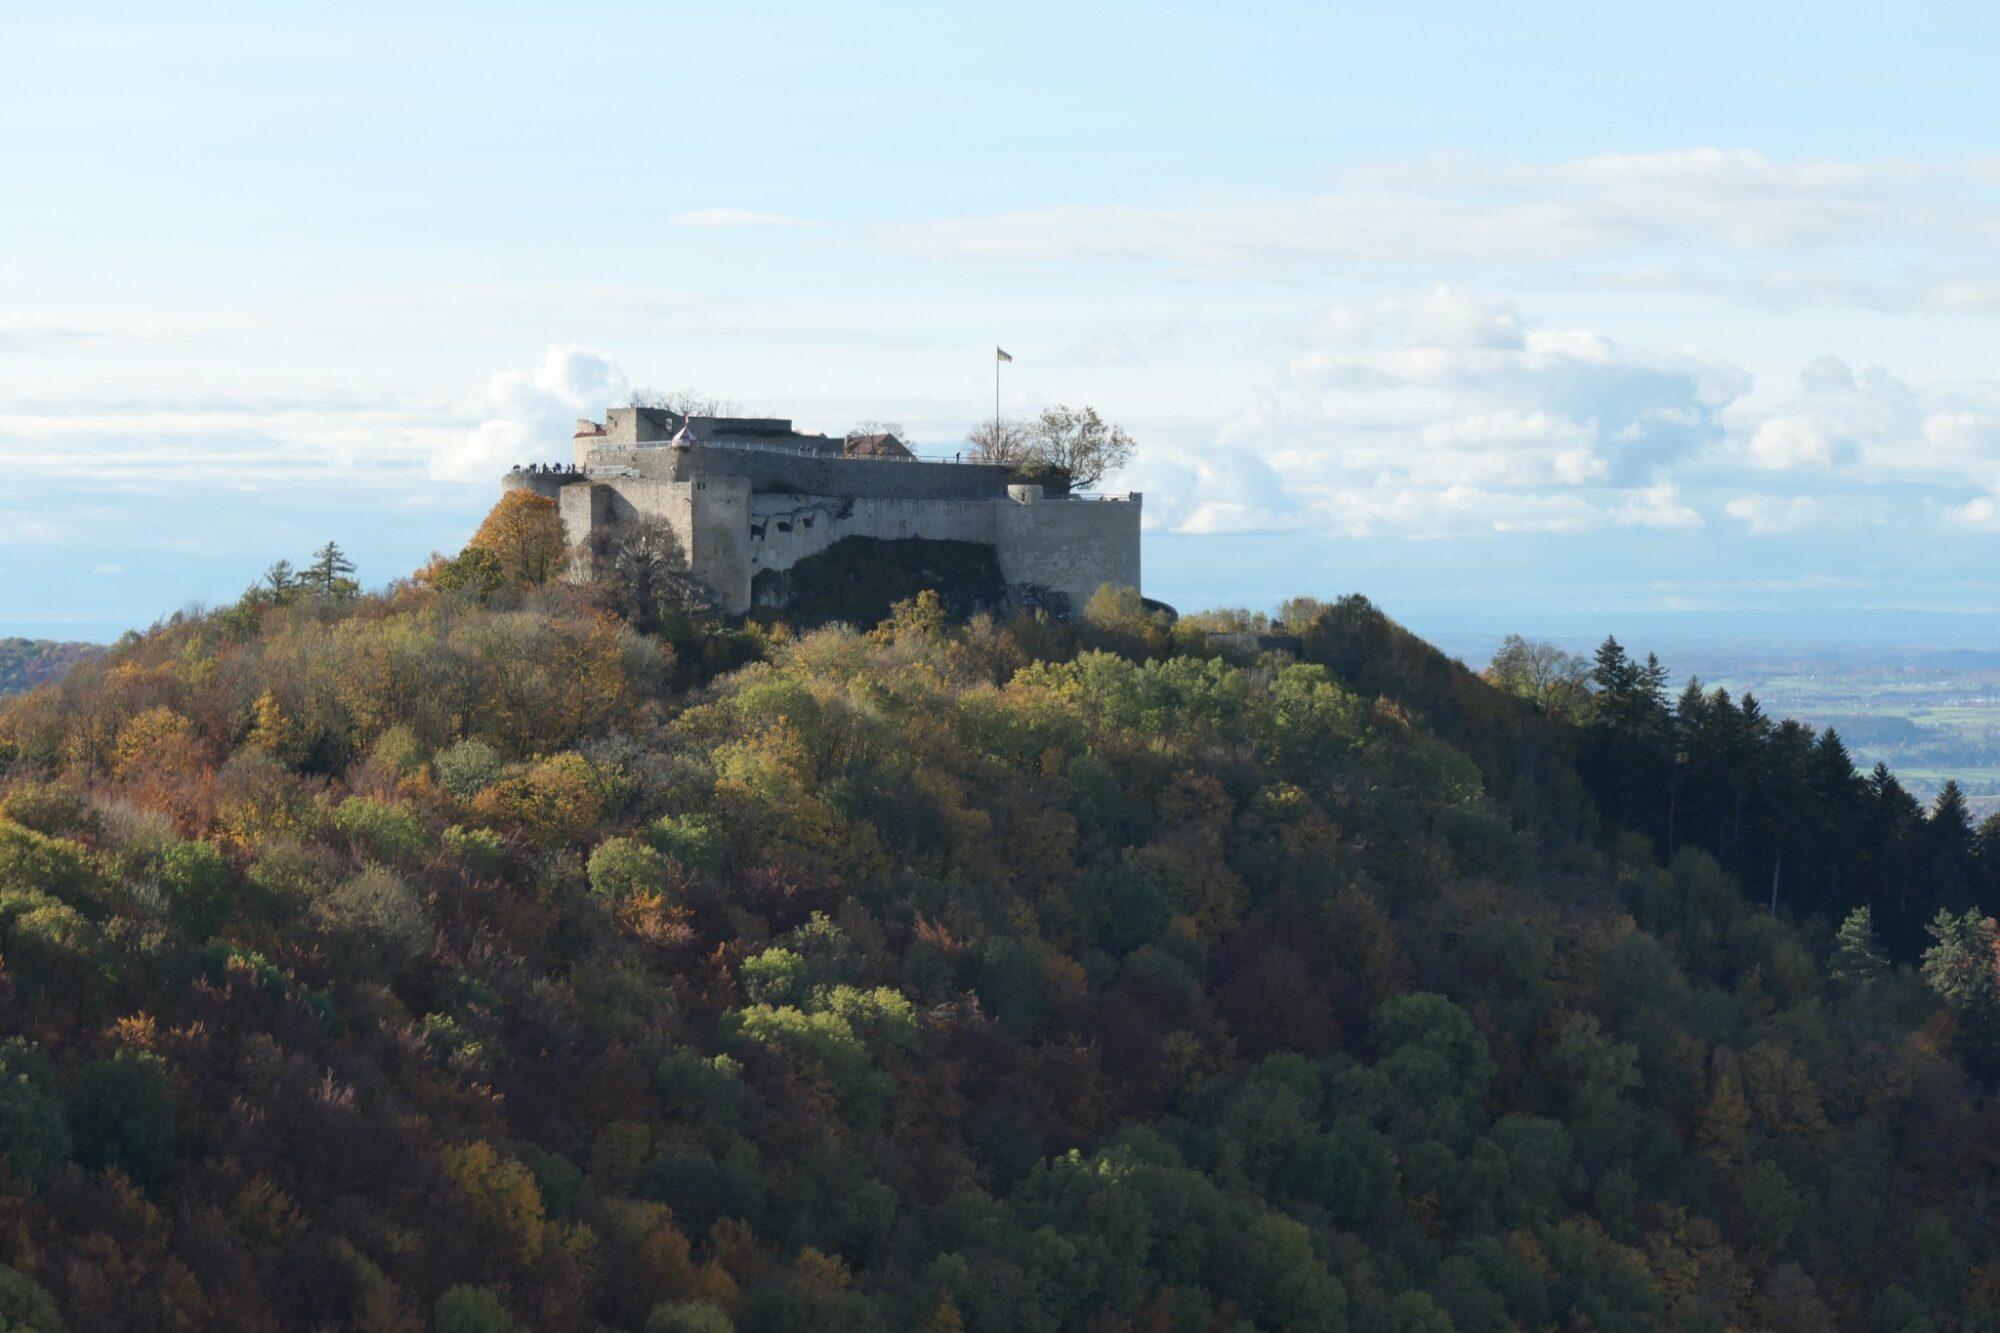 The ruined castle Hohenneuffen seen from Wilhelmsfels.